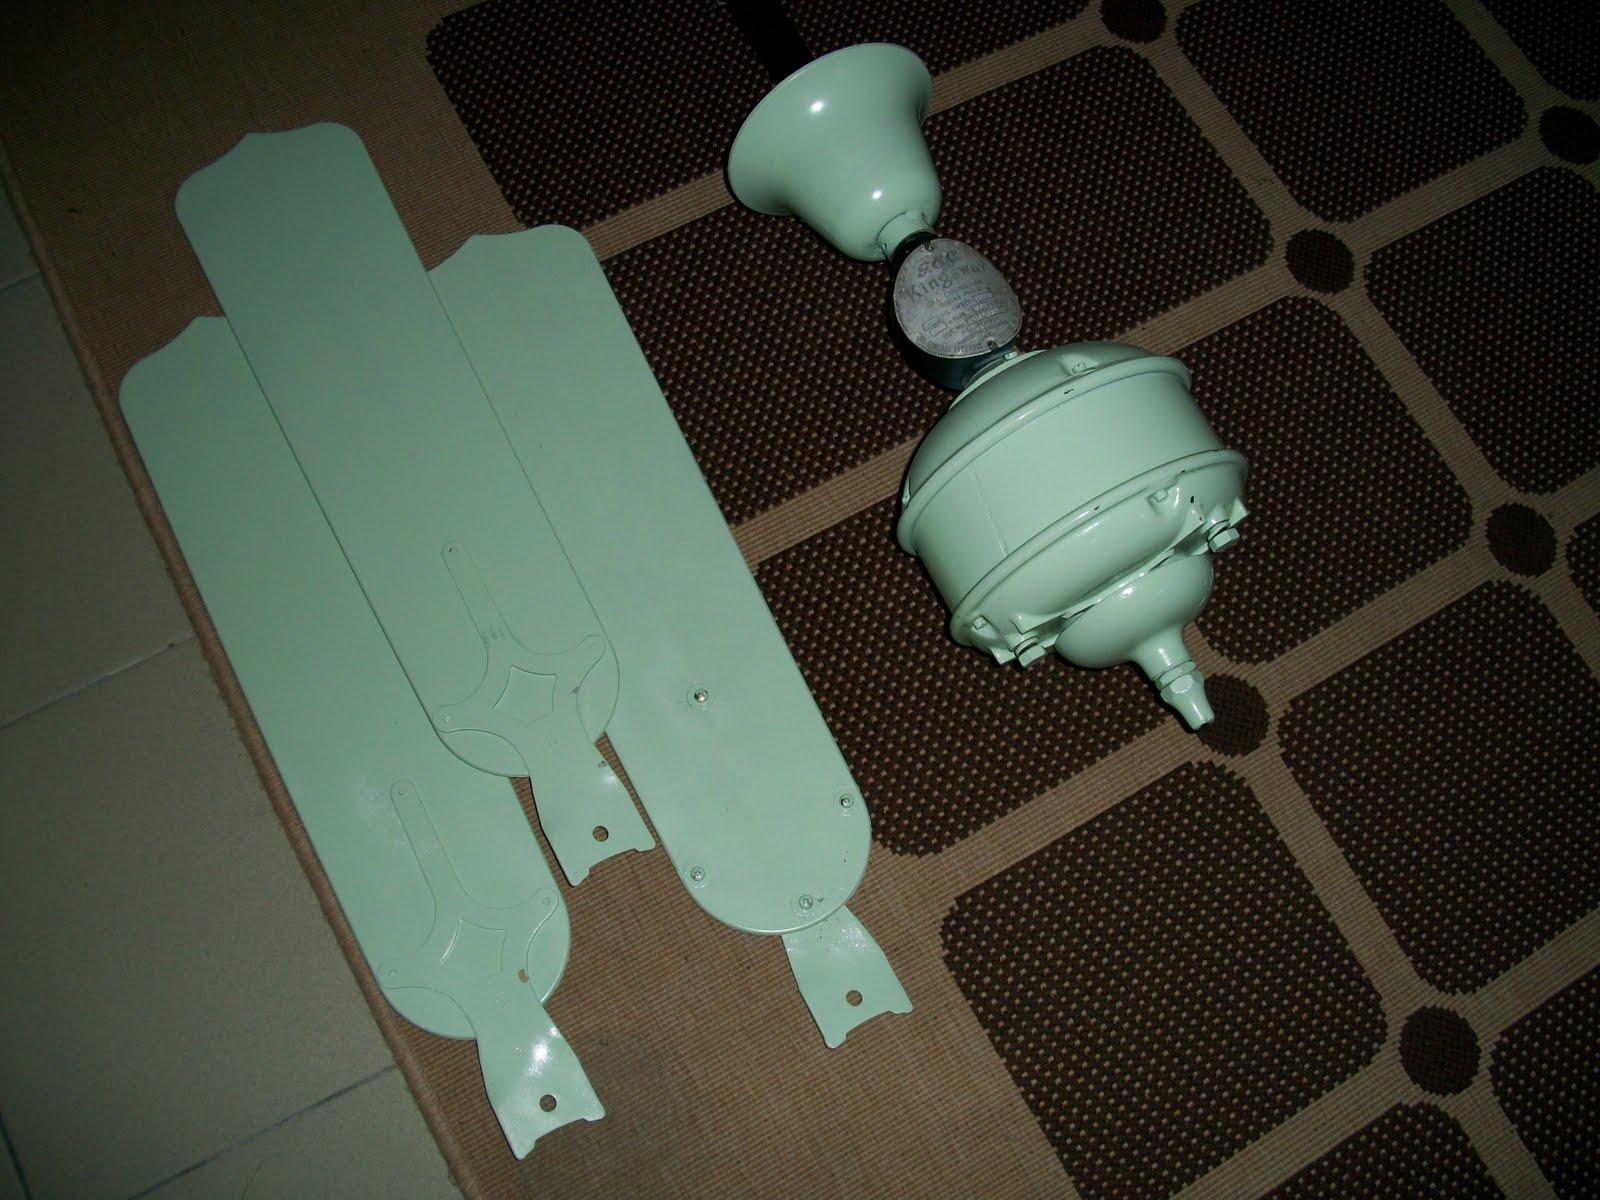 gec ceiling fans photo - 2